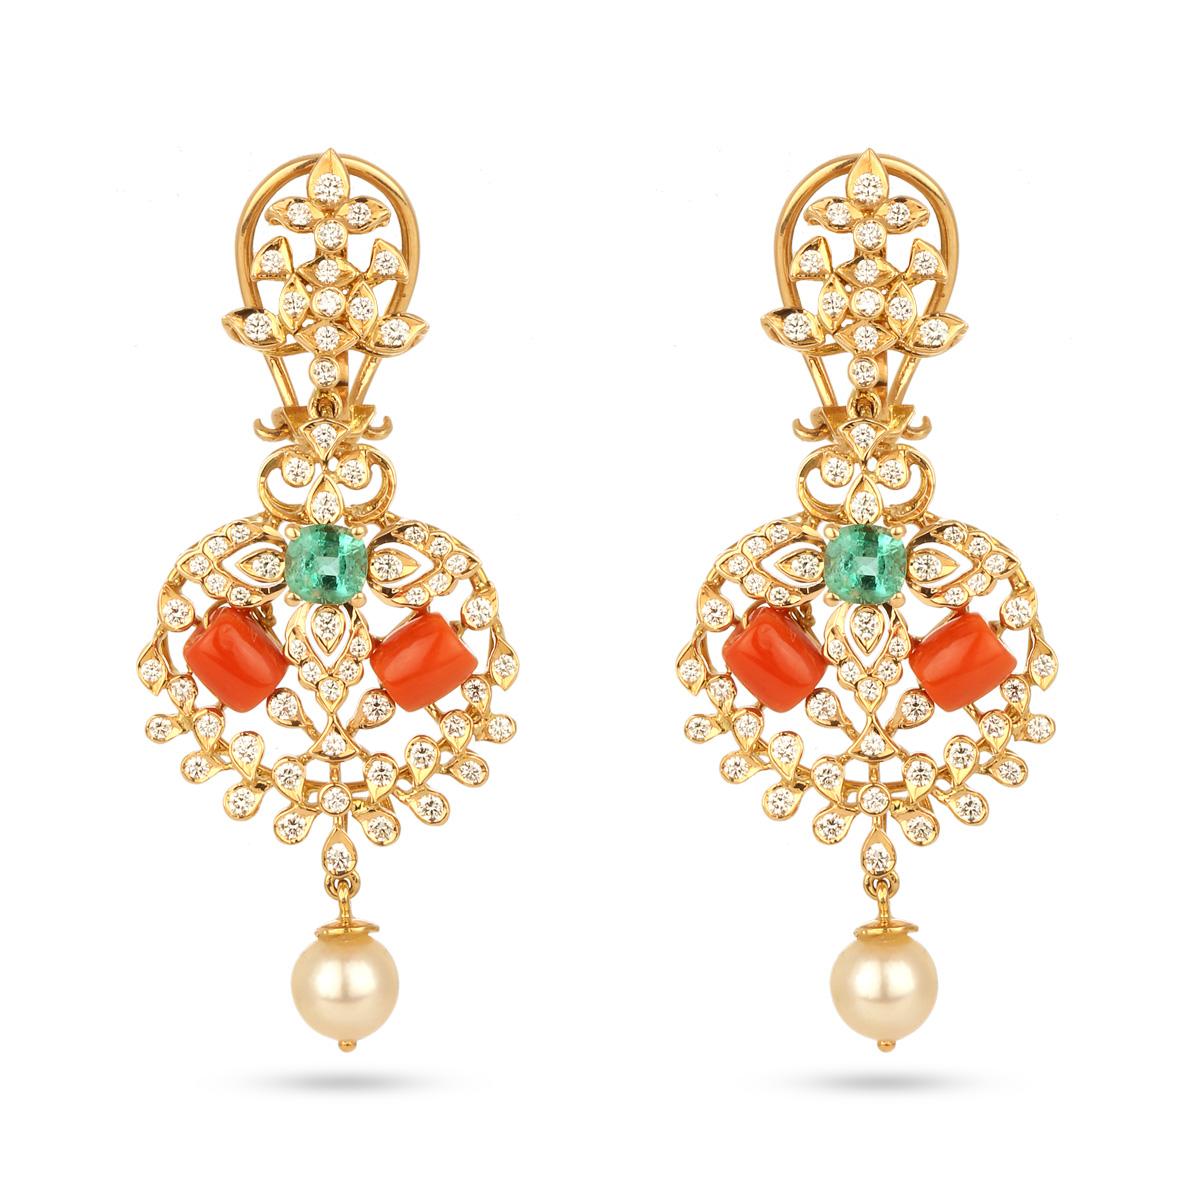 Chrysolite Earrings